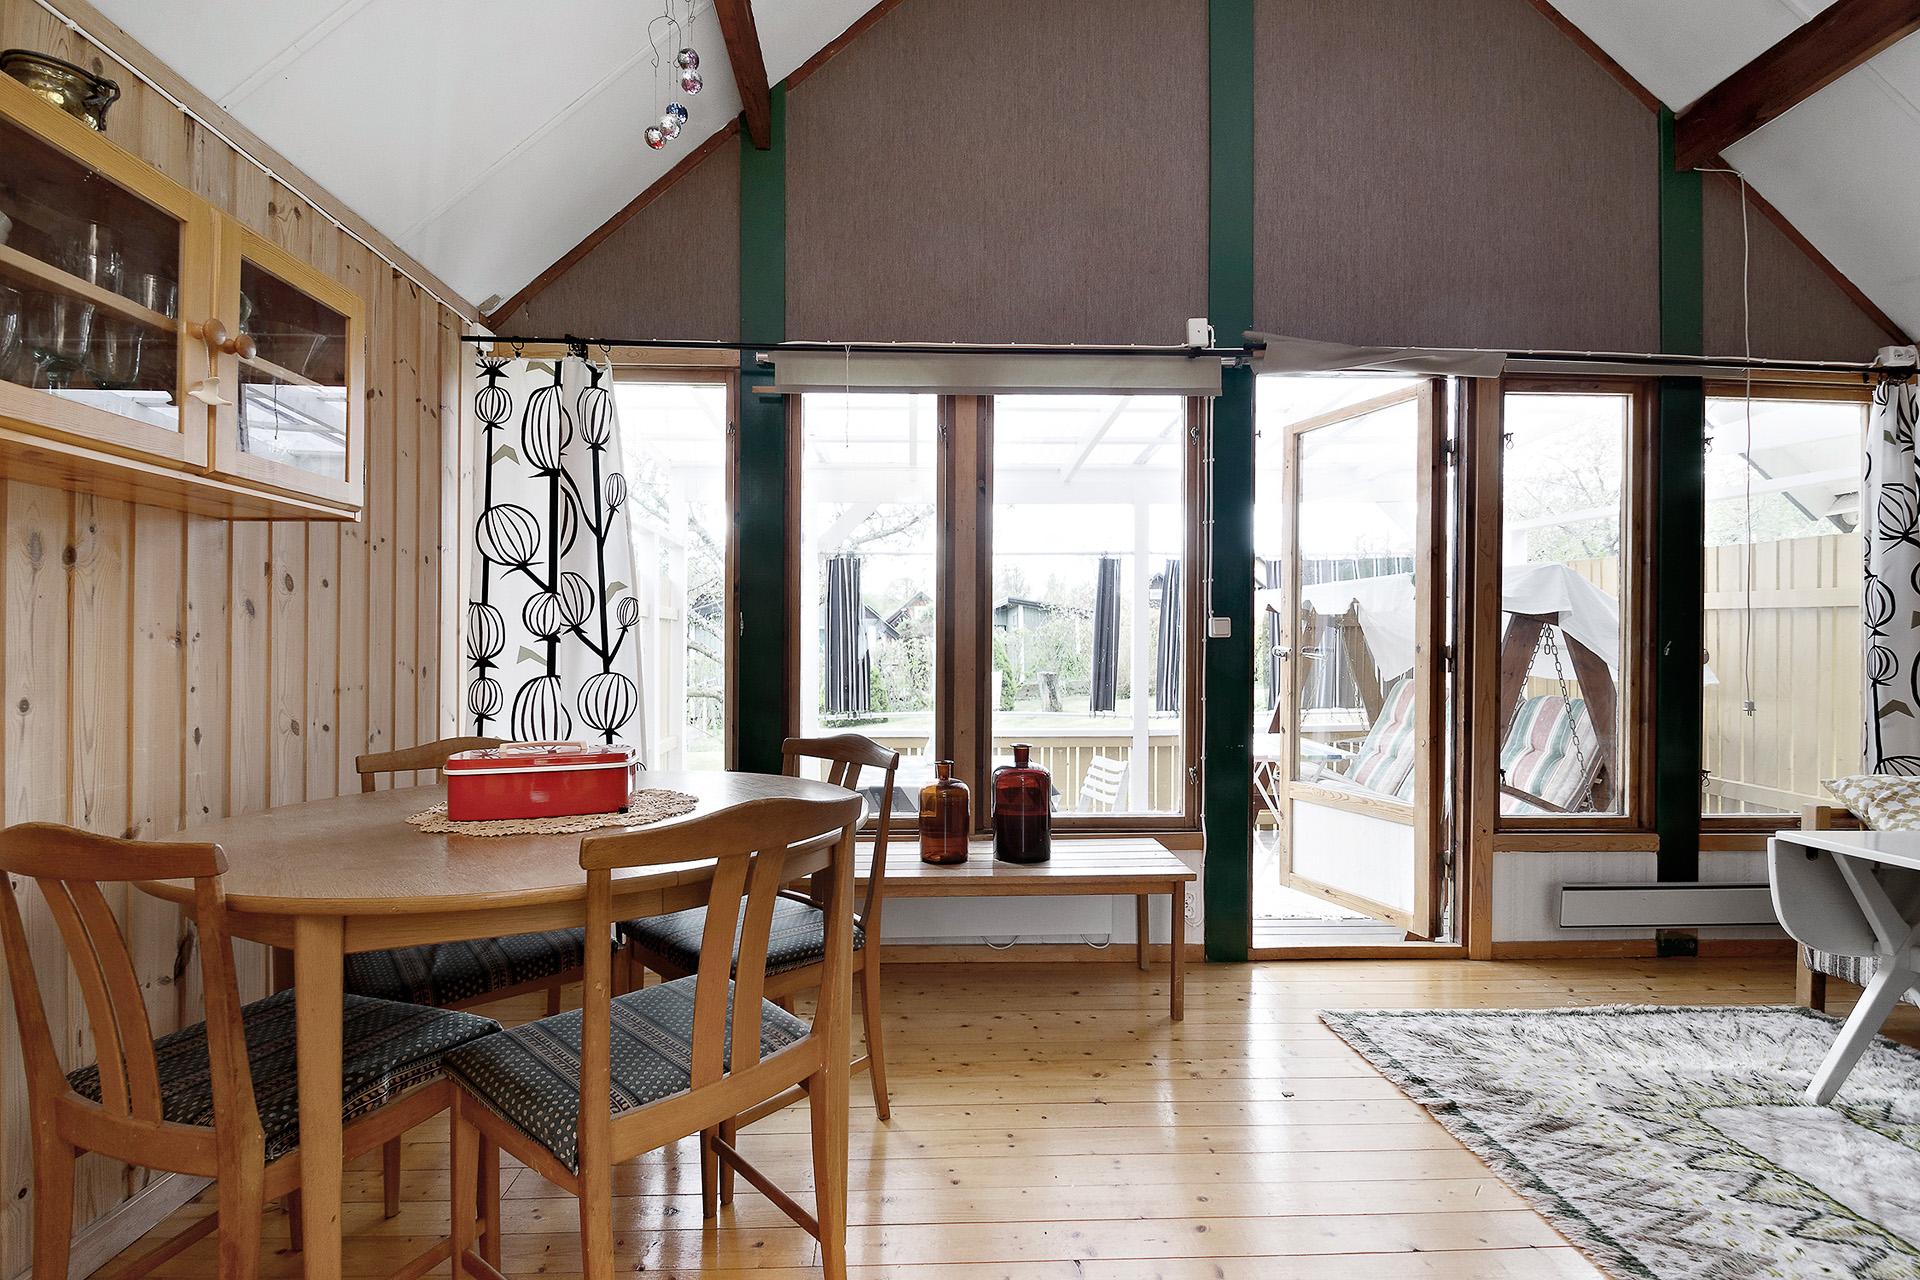 Fina trägolv i både kök och vardagsrum.